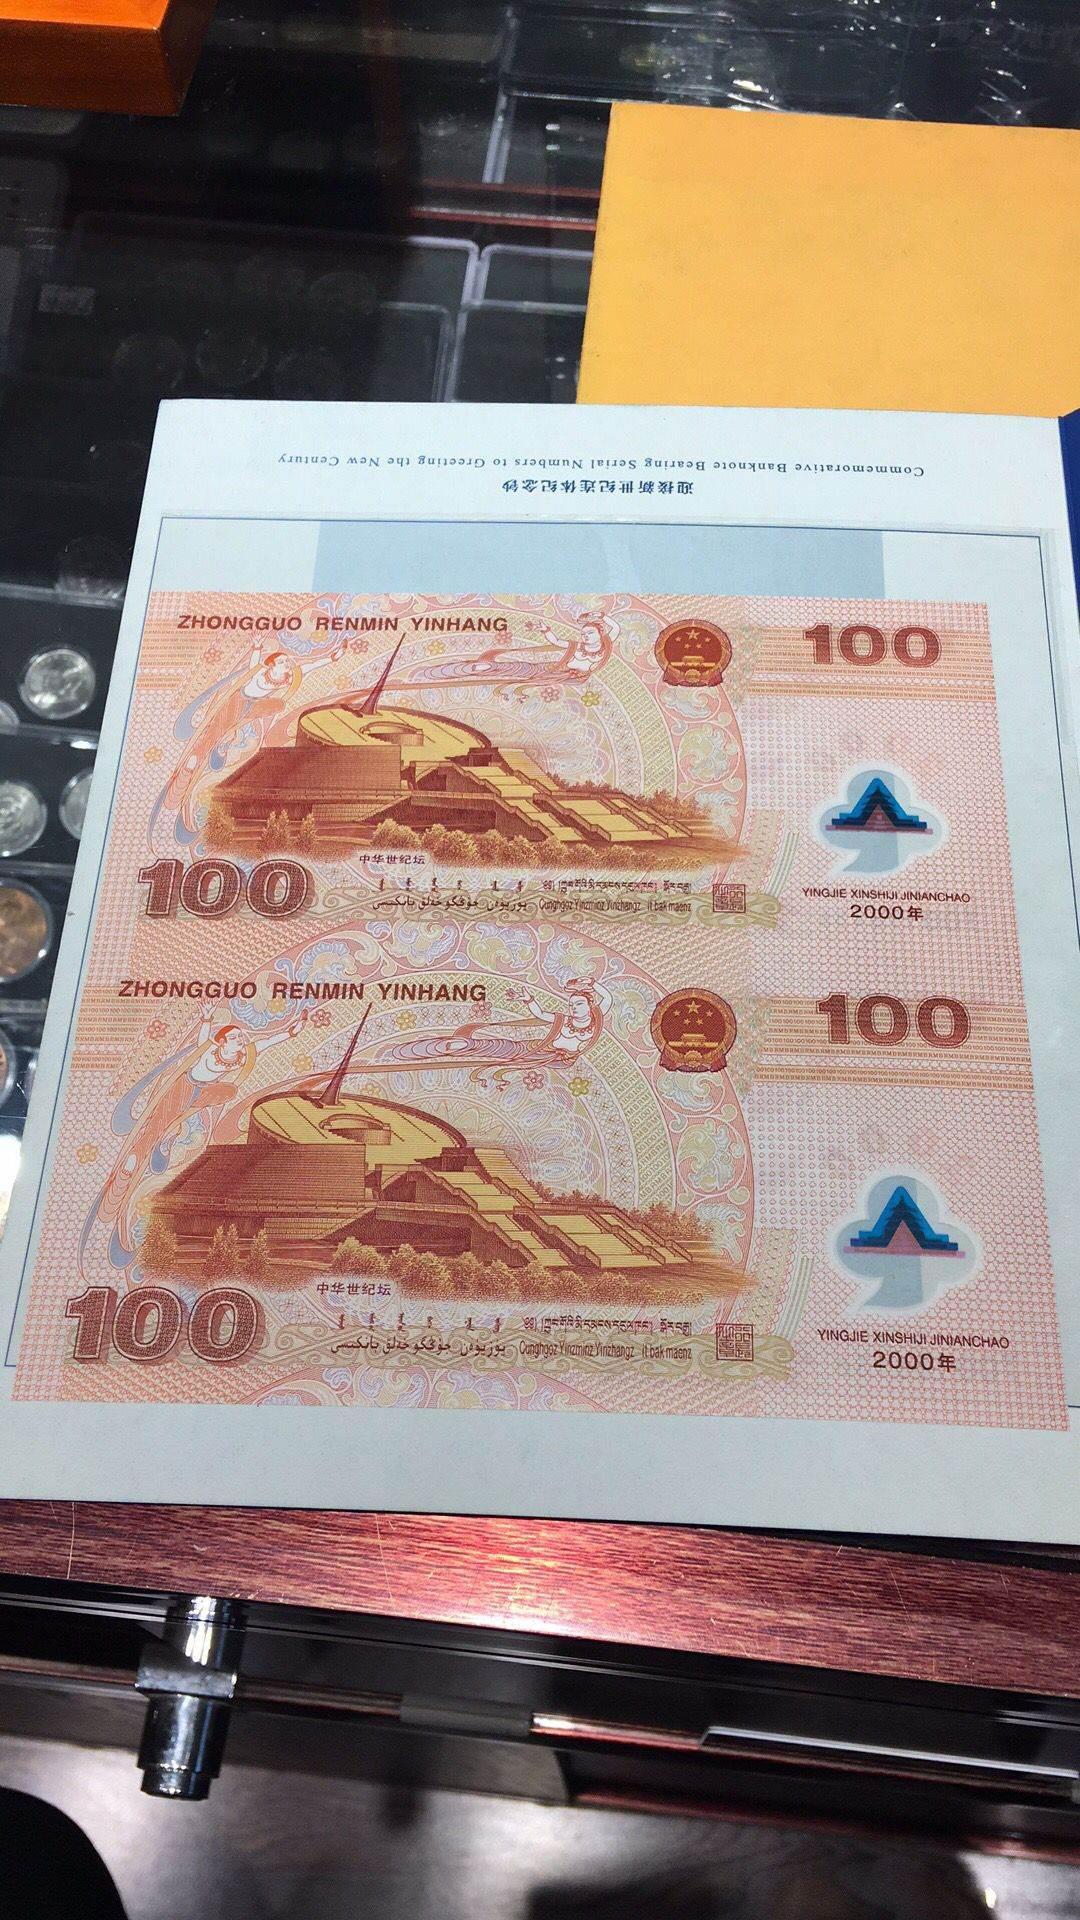 200元千禧龙年钞双连体纪念钞最新价格及收藏亮点